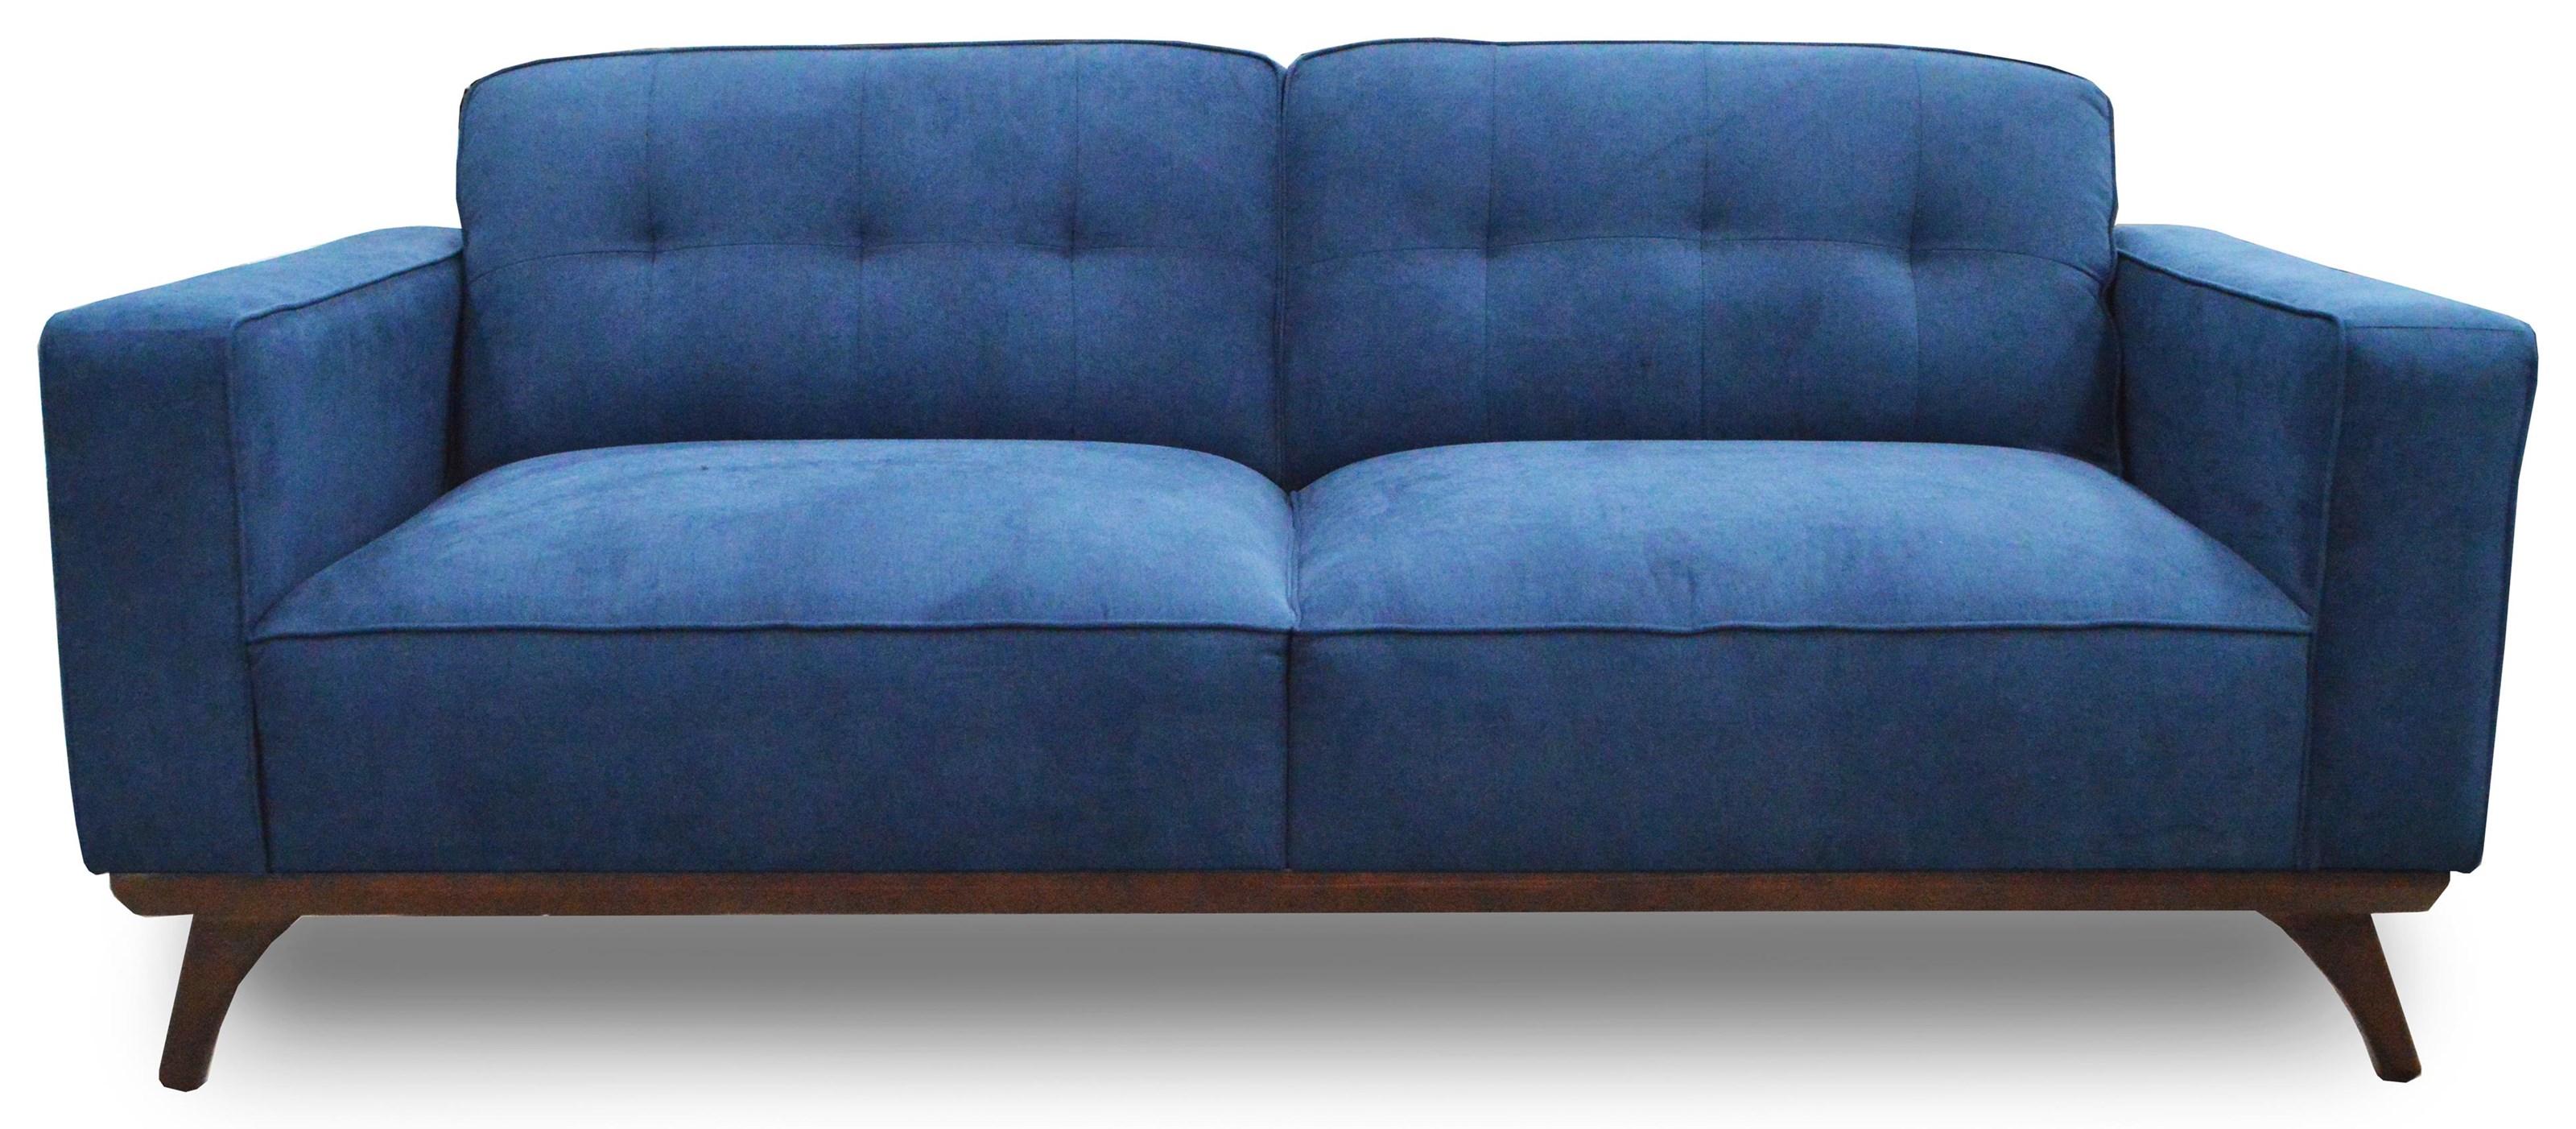 Modena Sofa by Urban Roads at Darvin Furniture